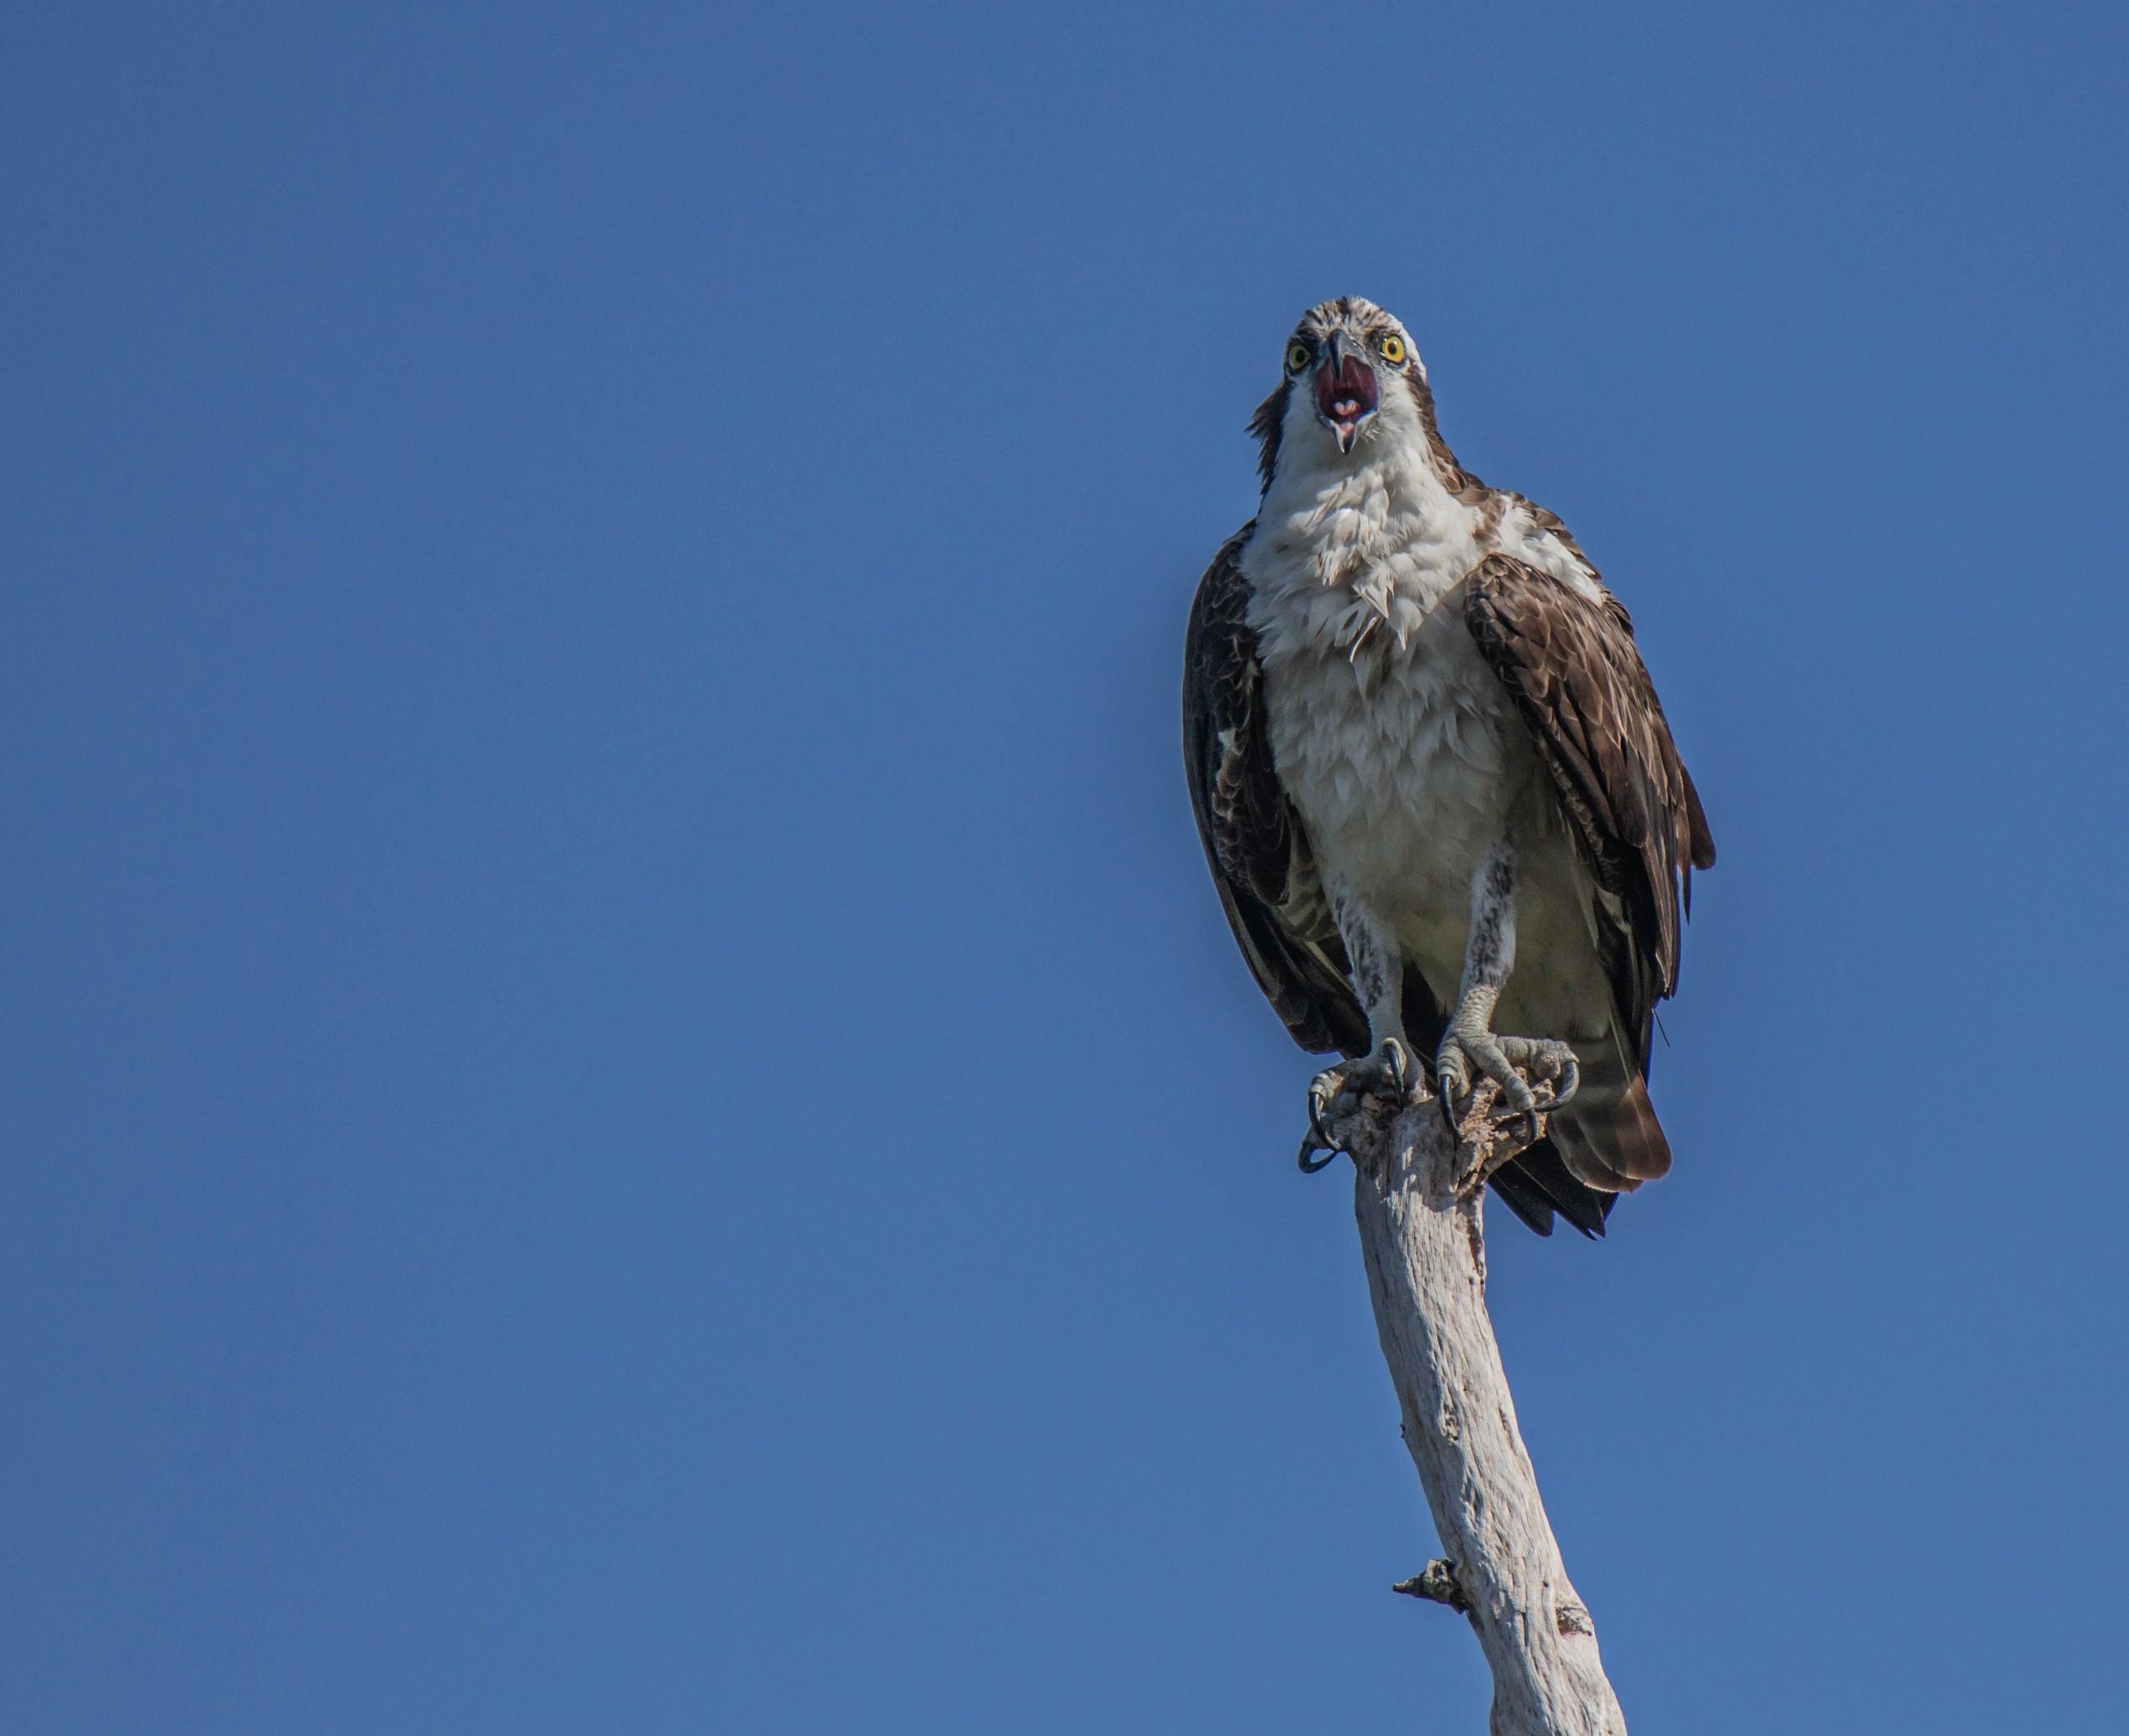 372-Osprey-perched-cvt-fn.jpg